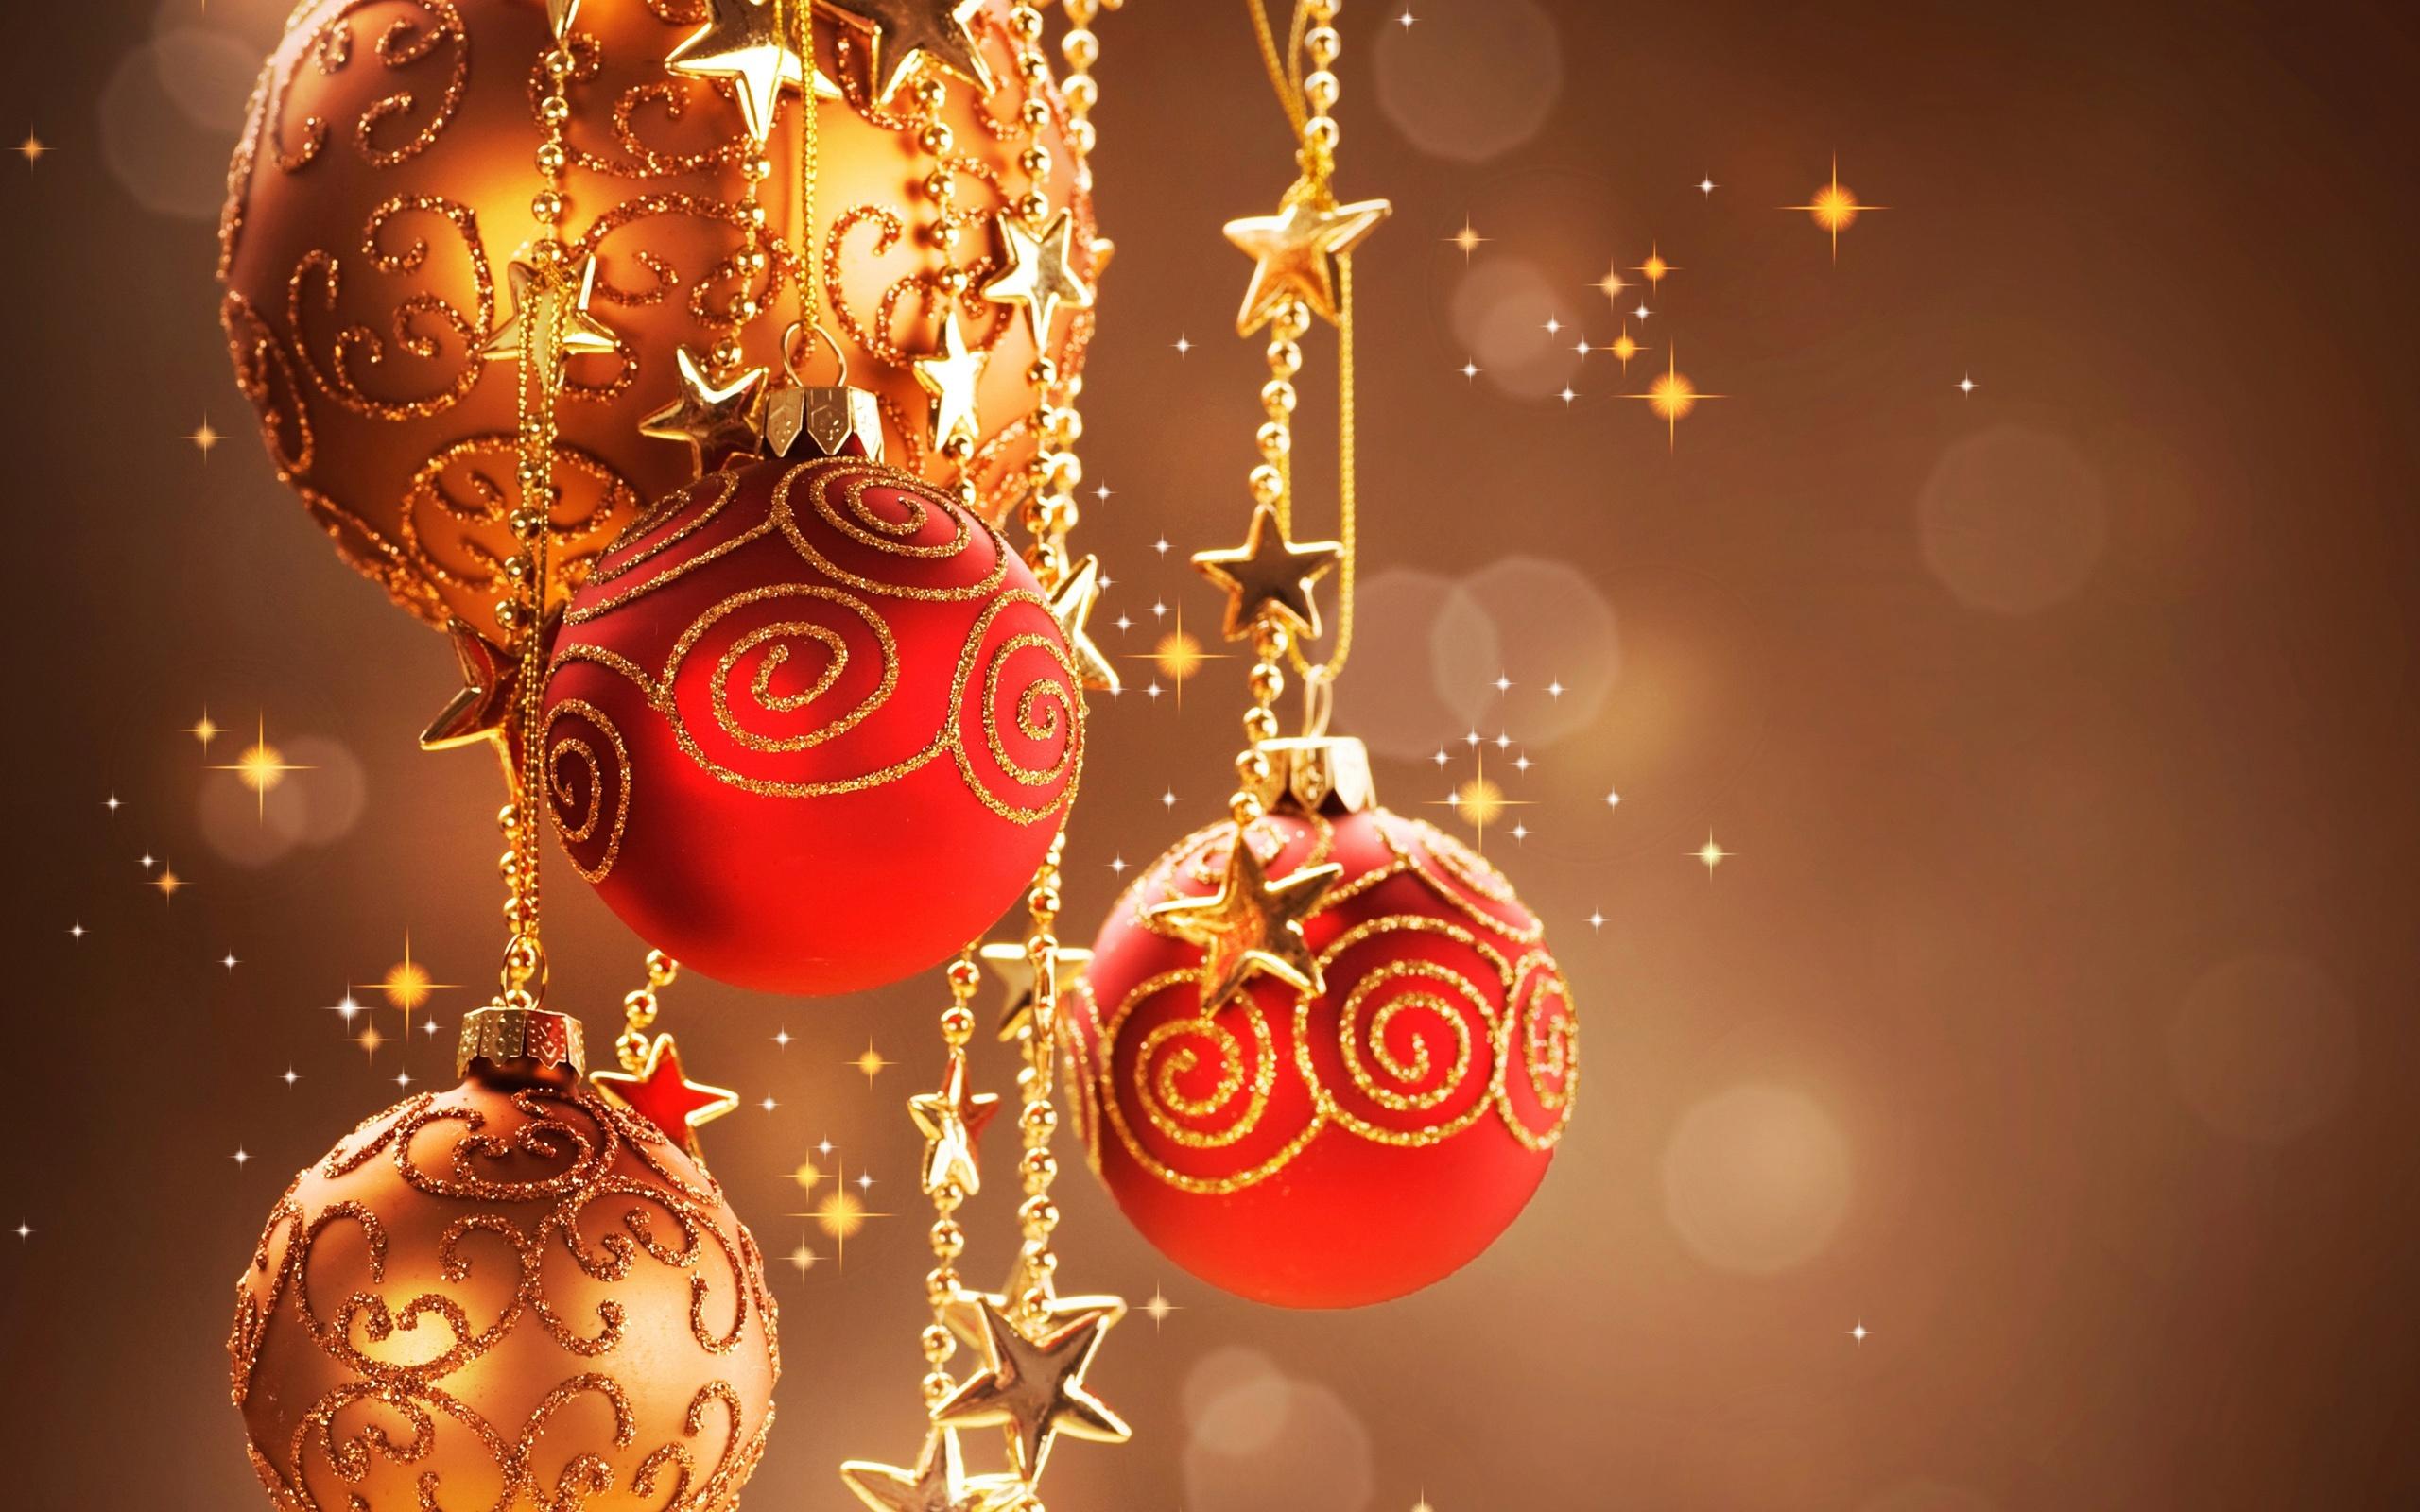 壁紙 暖かいクリスマスの装飾 装飾的な赤いボール 2560x1920 Hd 無料